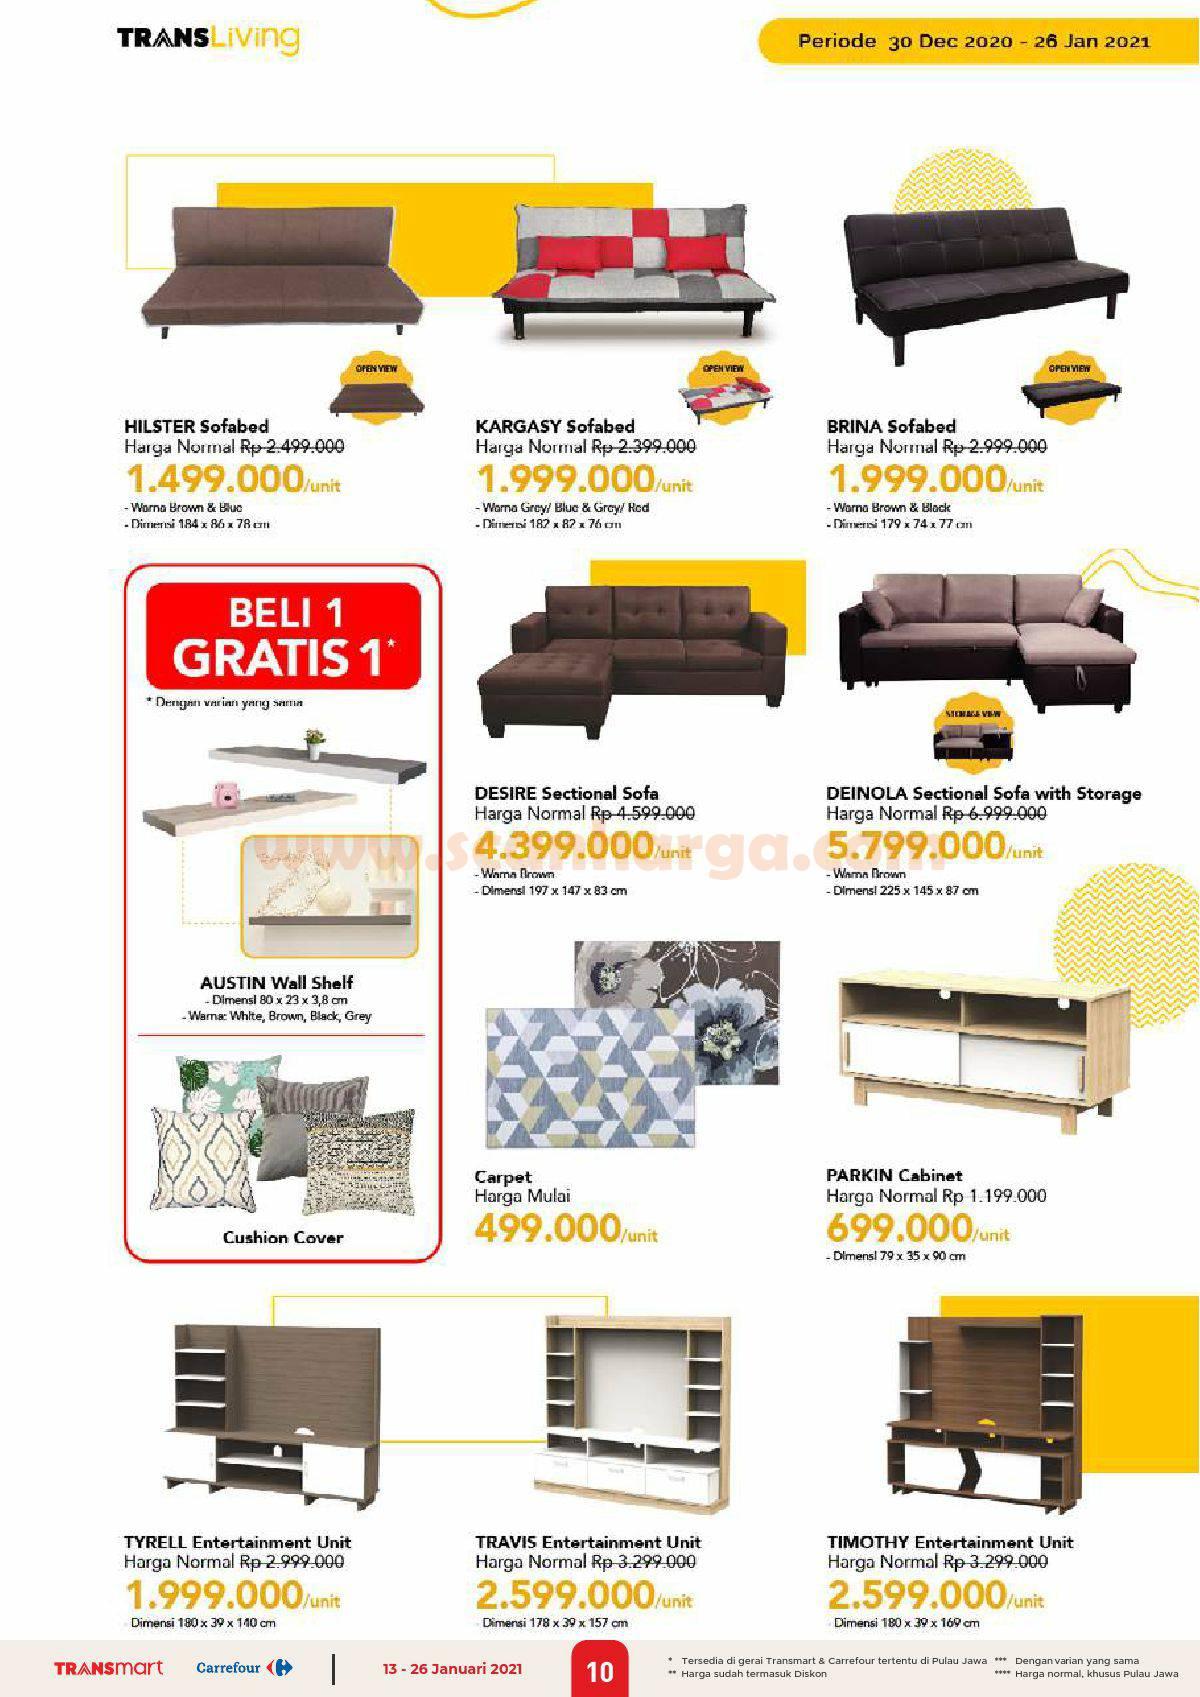 Katalog Promo Carrefour Transmart 13 - 26 Januari 2021 10